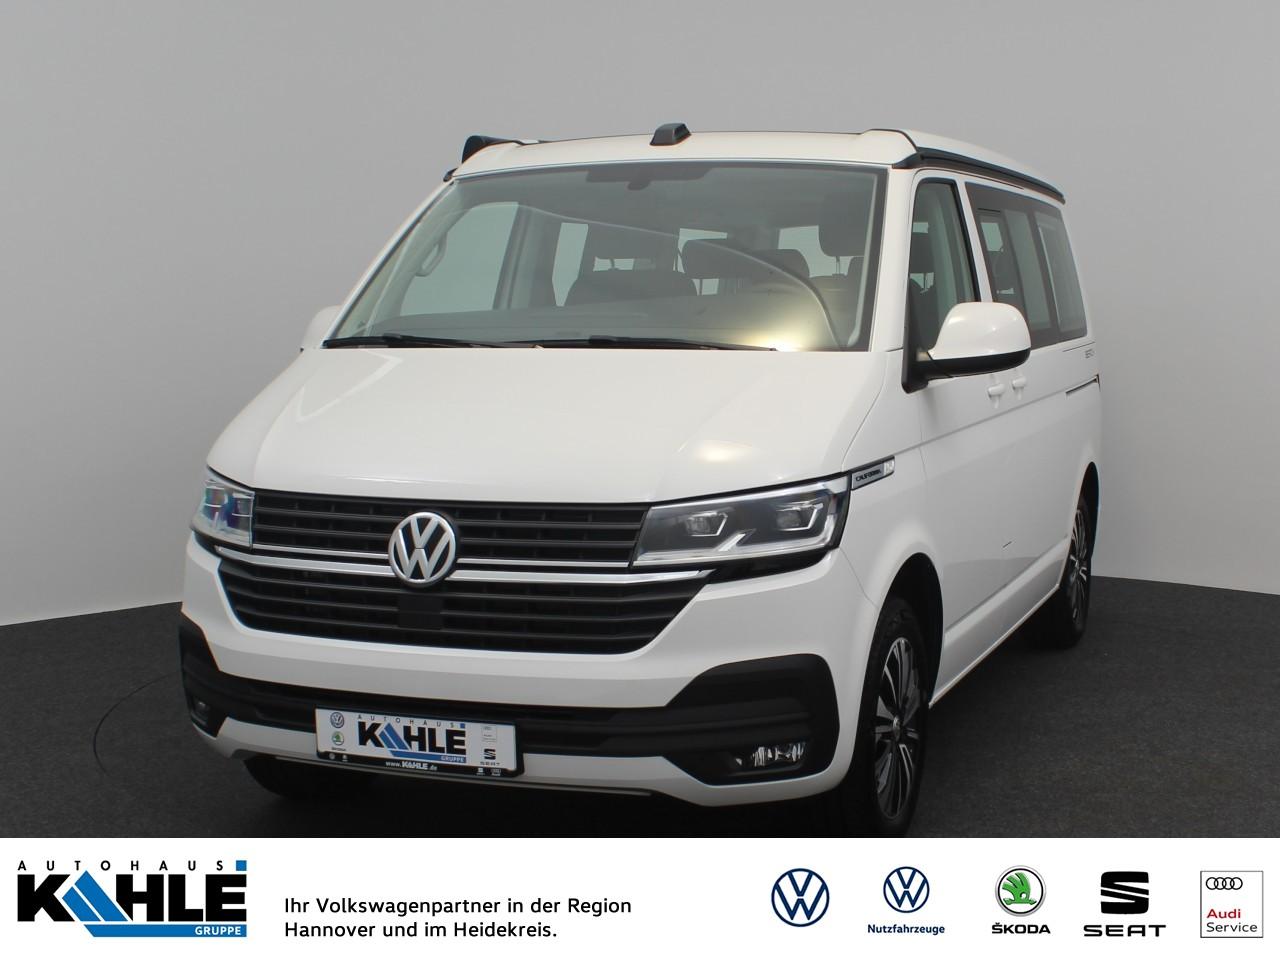 Volkswagen 6.1 California Beach 2.0 TDI DSG Standheizung LED Klima APP-Connect, Jahr 2020, Diesel